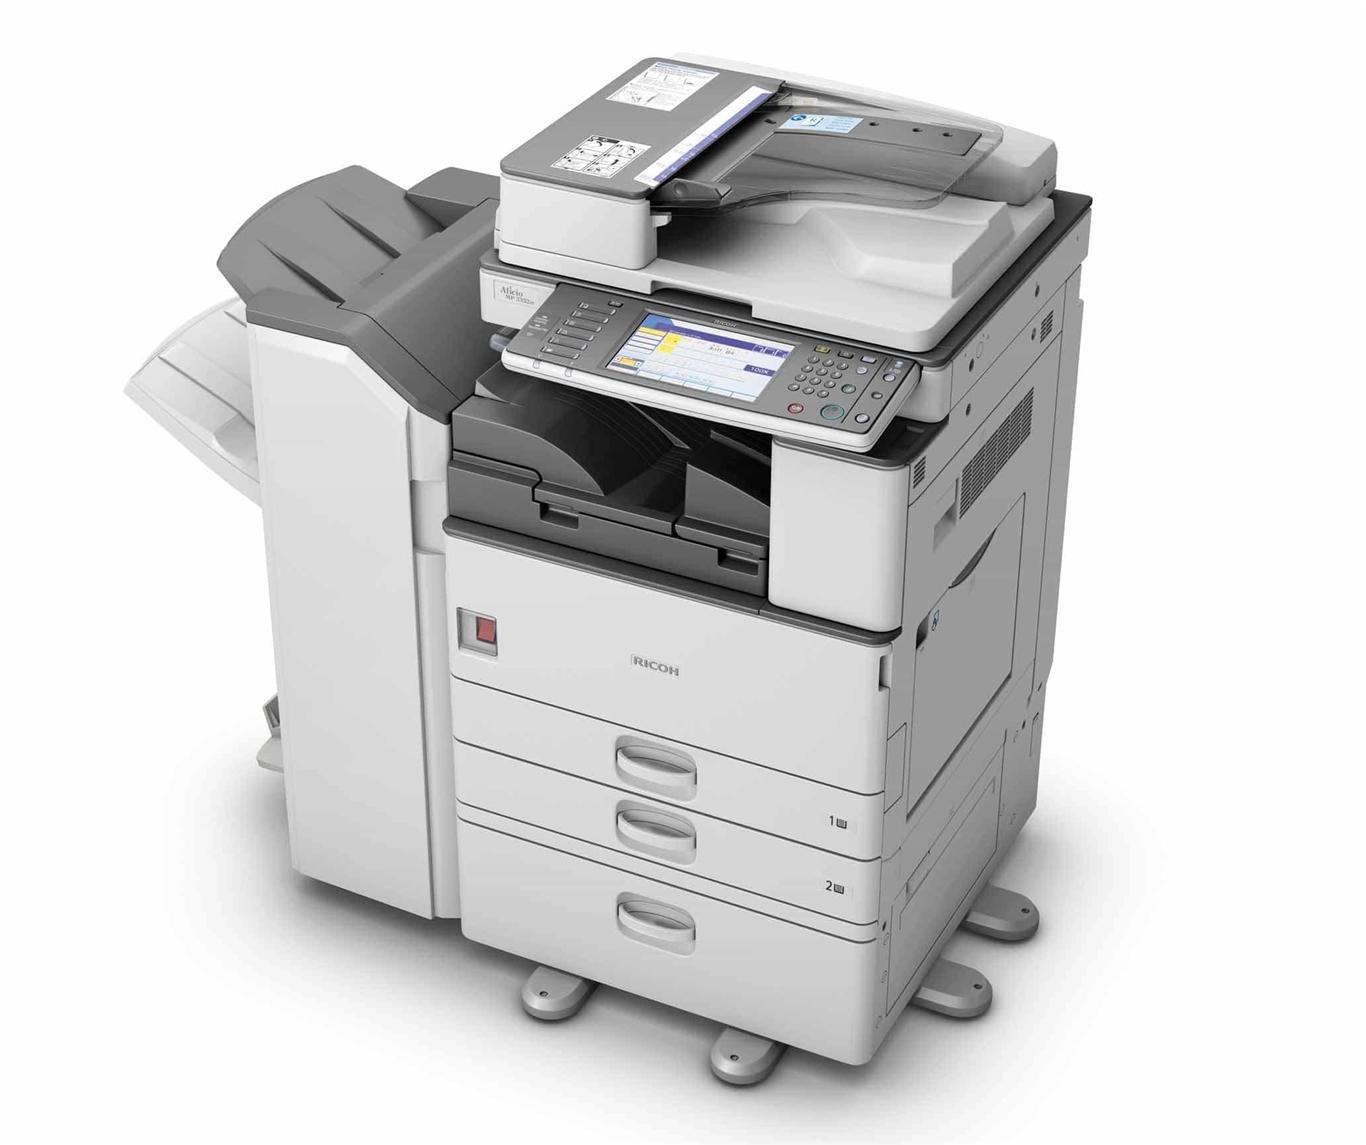 cho-thue-may-photocopy-quan-binh-thanh-1